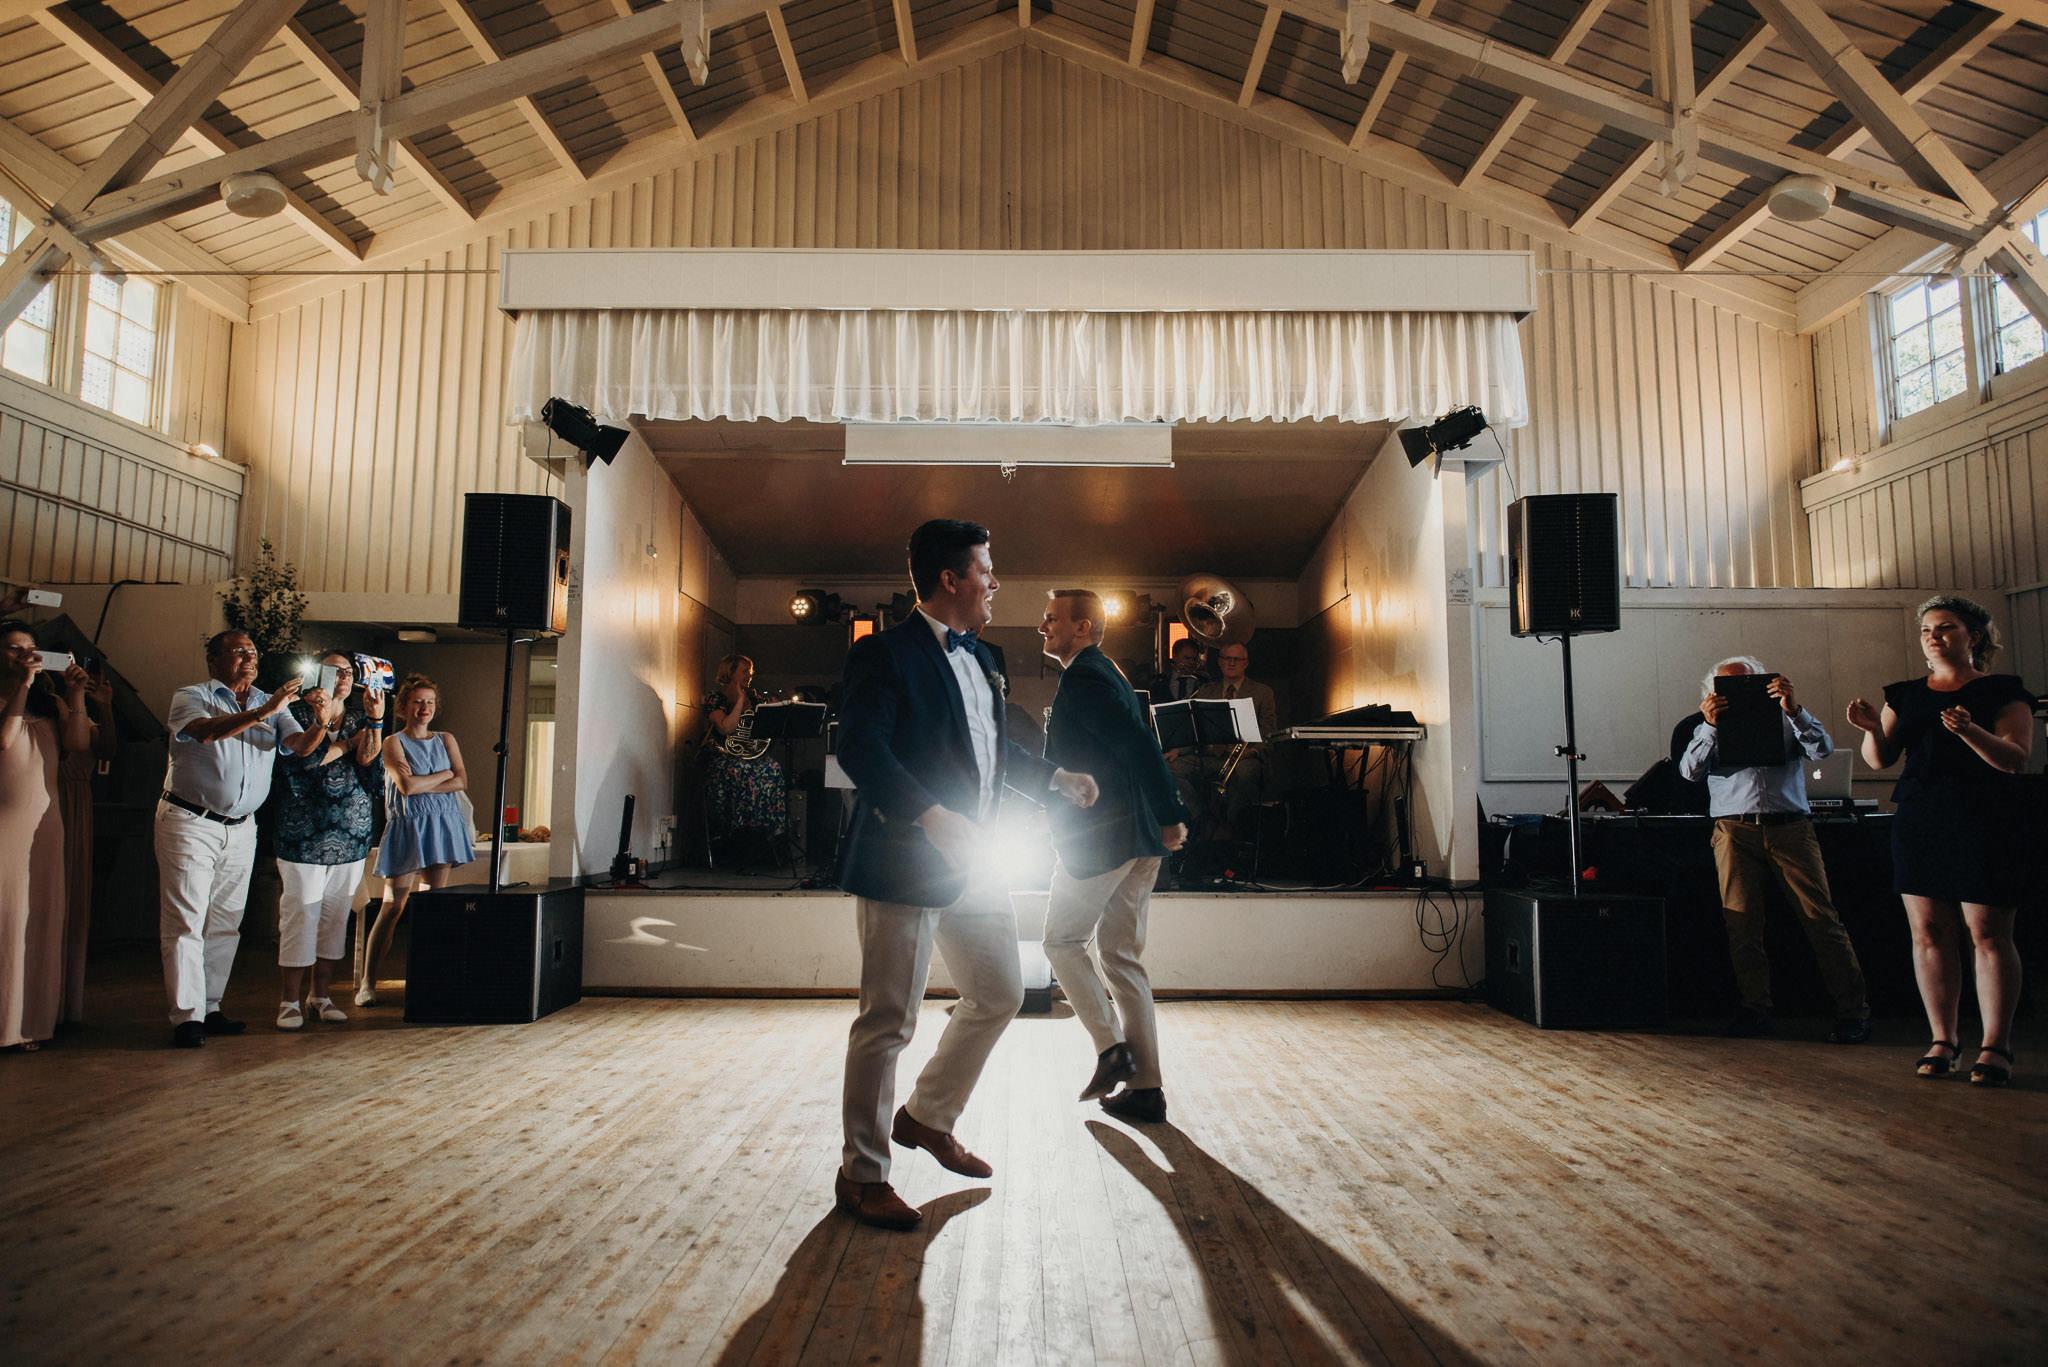 jere-satamo-ruissalo-haat-samesex-wedding-valokuvaaja-turku-080web.jpg